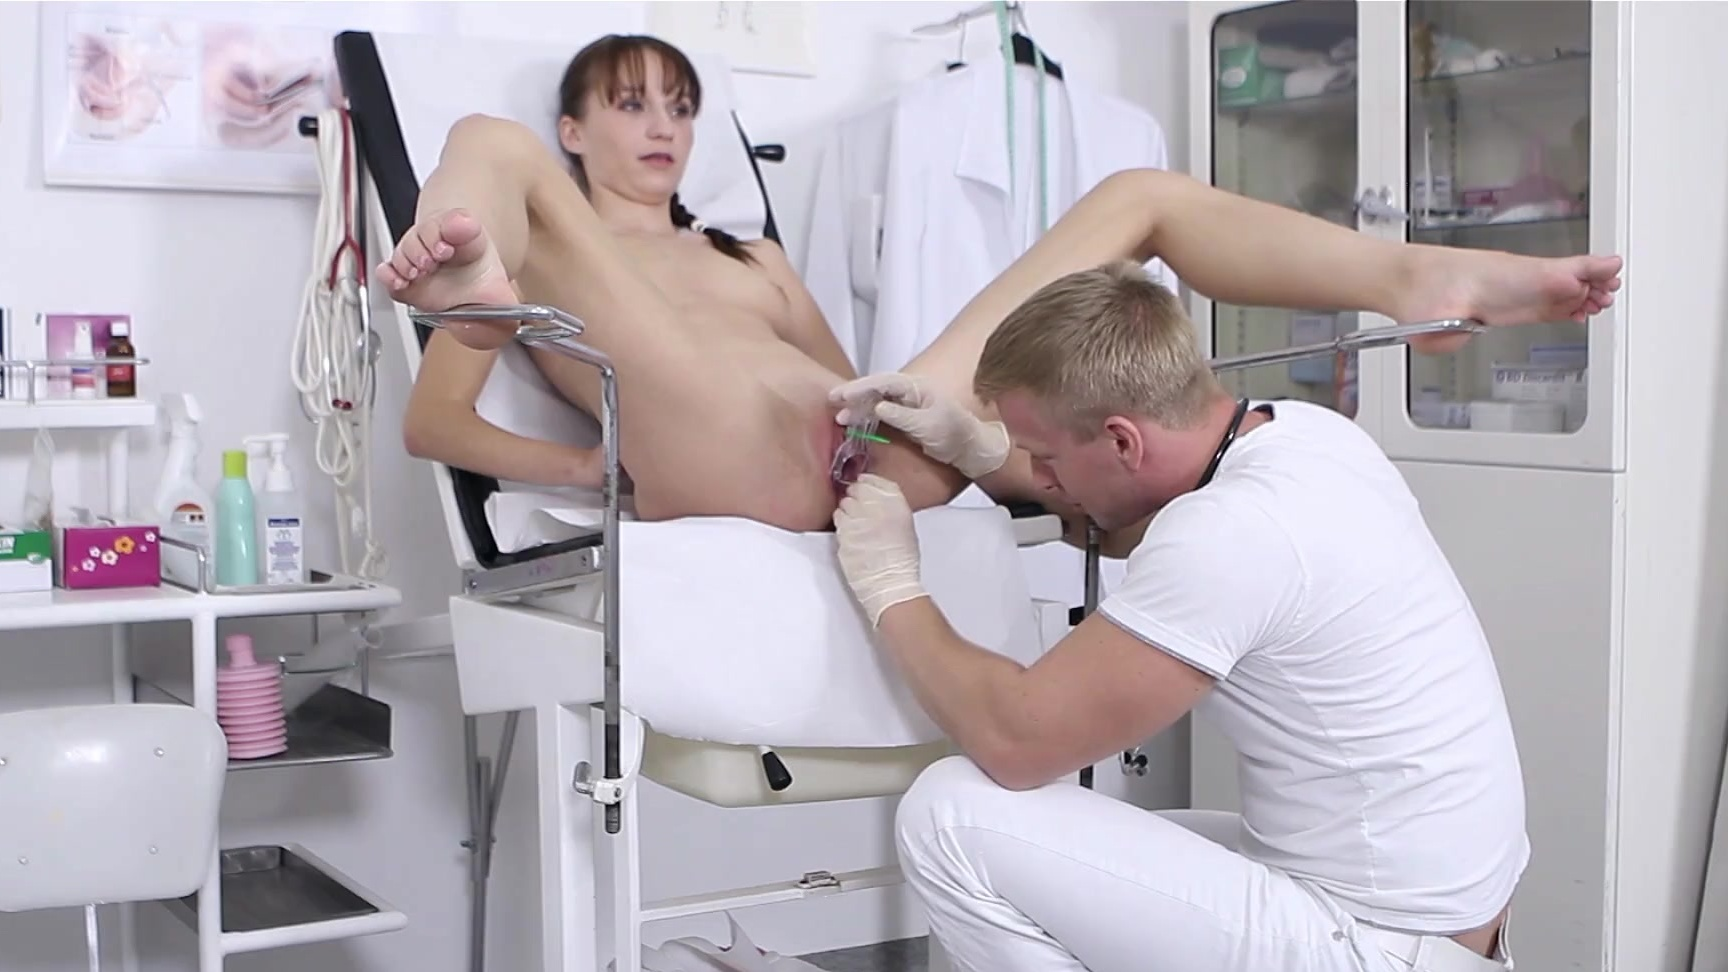 Phillipino porn video-3999